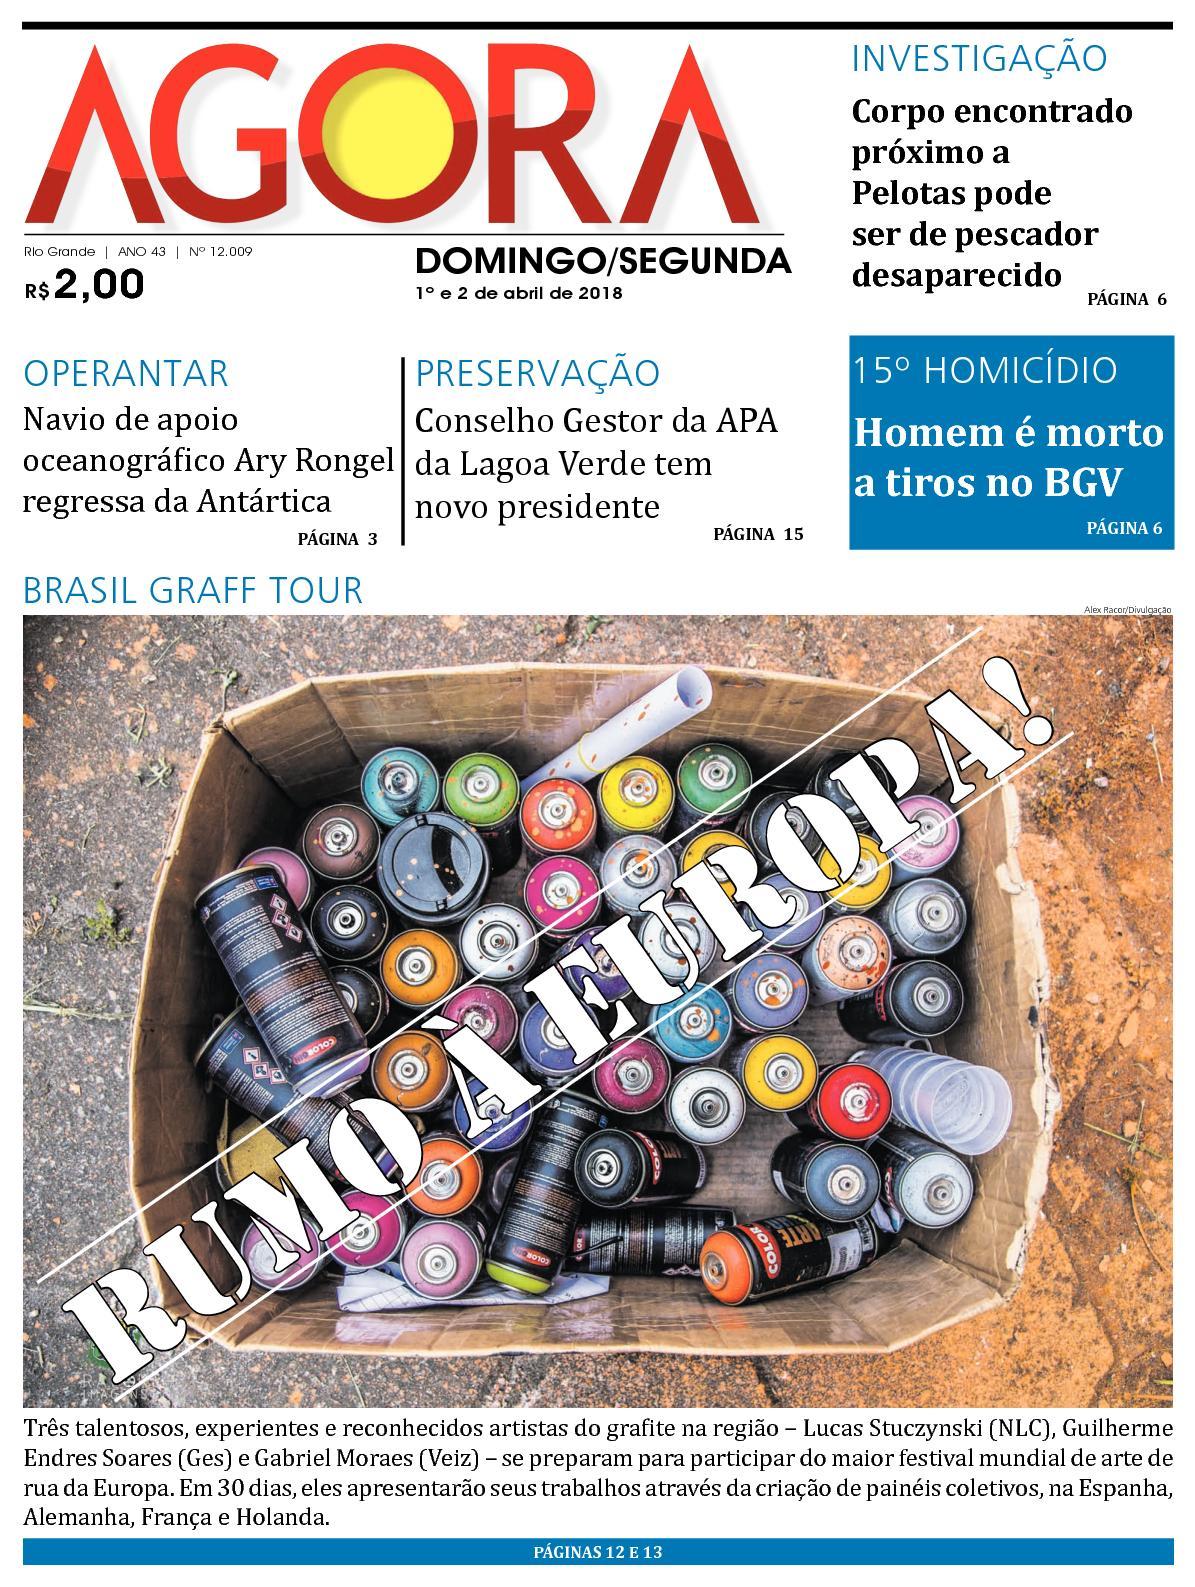 8dd5c72371 Calaméo - Jornal Agora - Edição 12009 - 1º e 2 de Abril de 2018